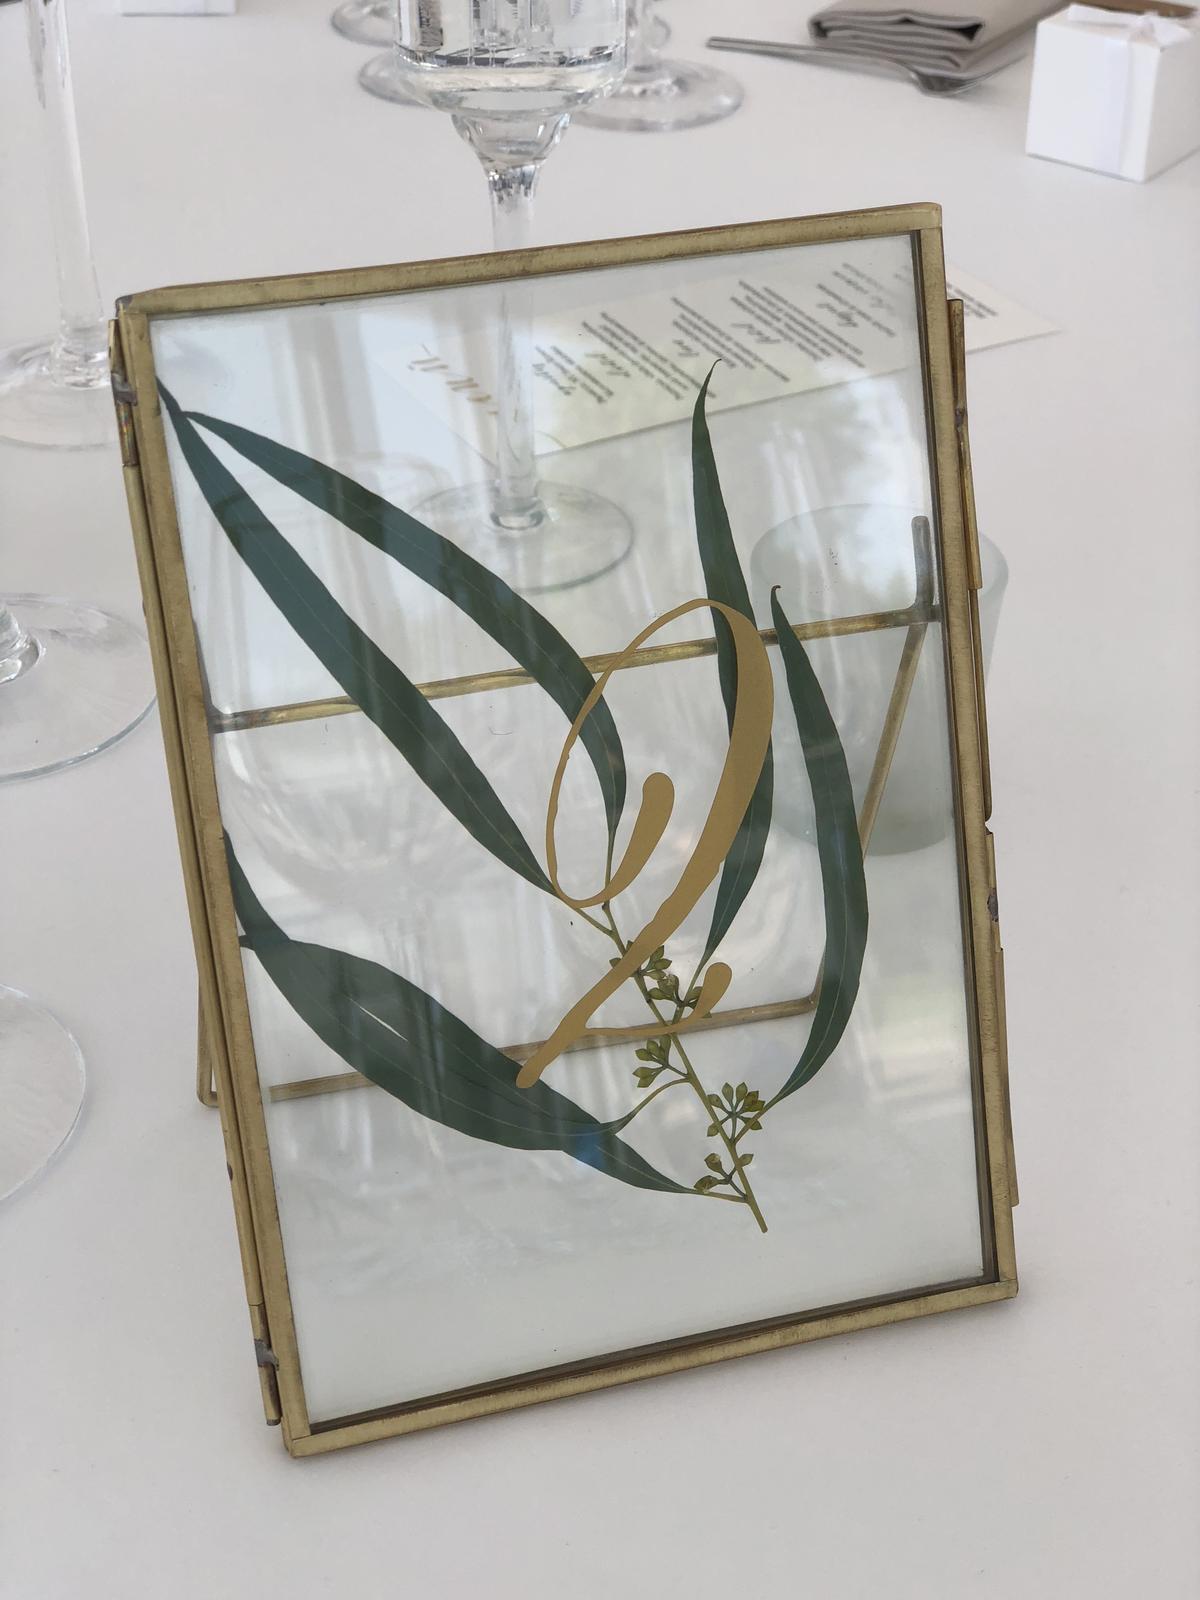 Mosadzné rámiky so zlatým číslom - Obrázok č. 1